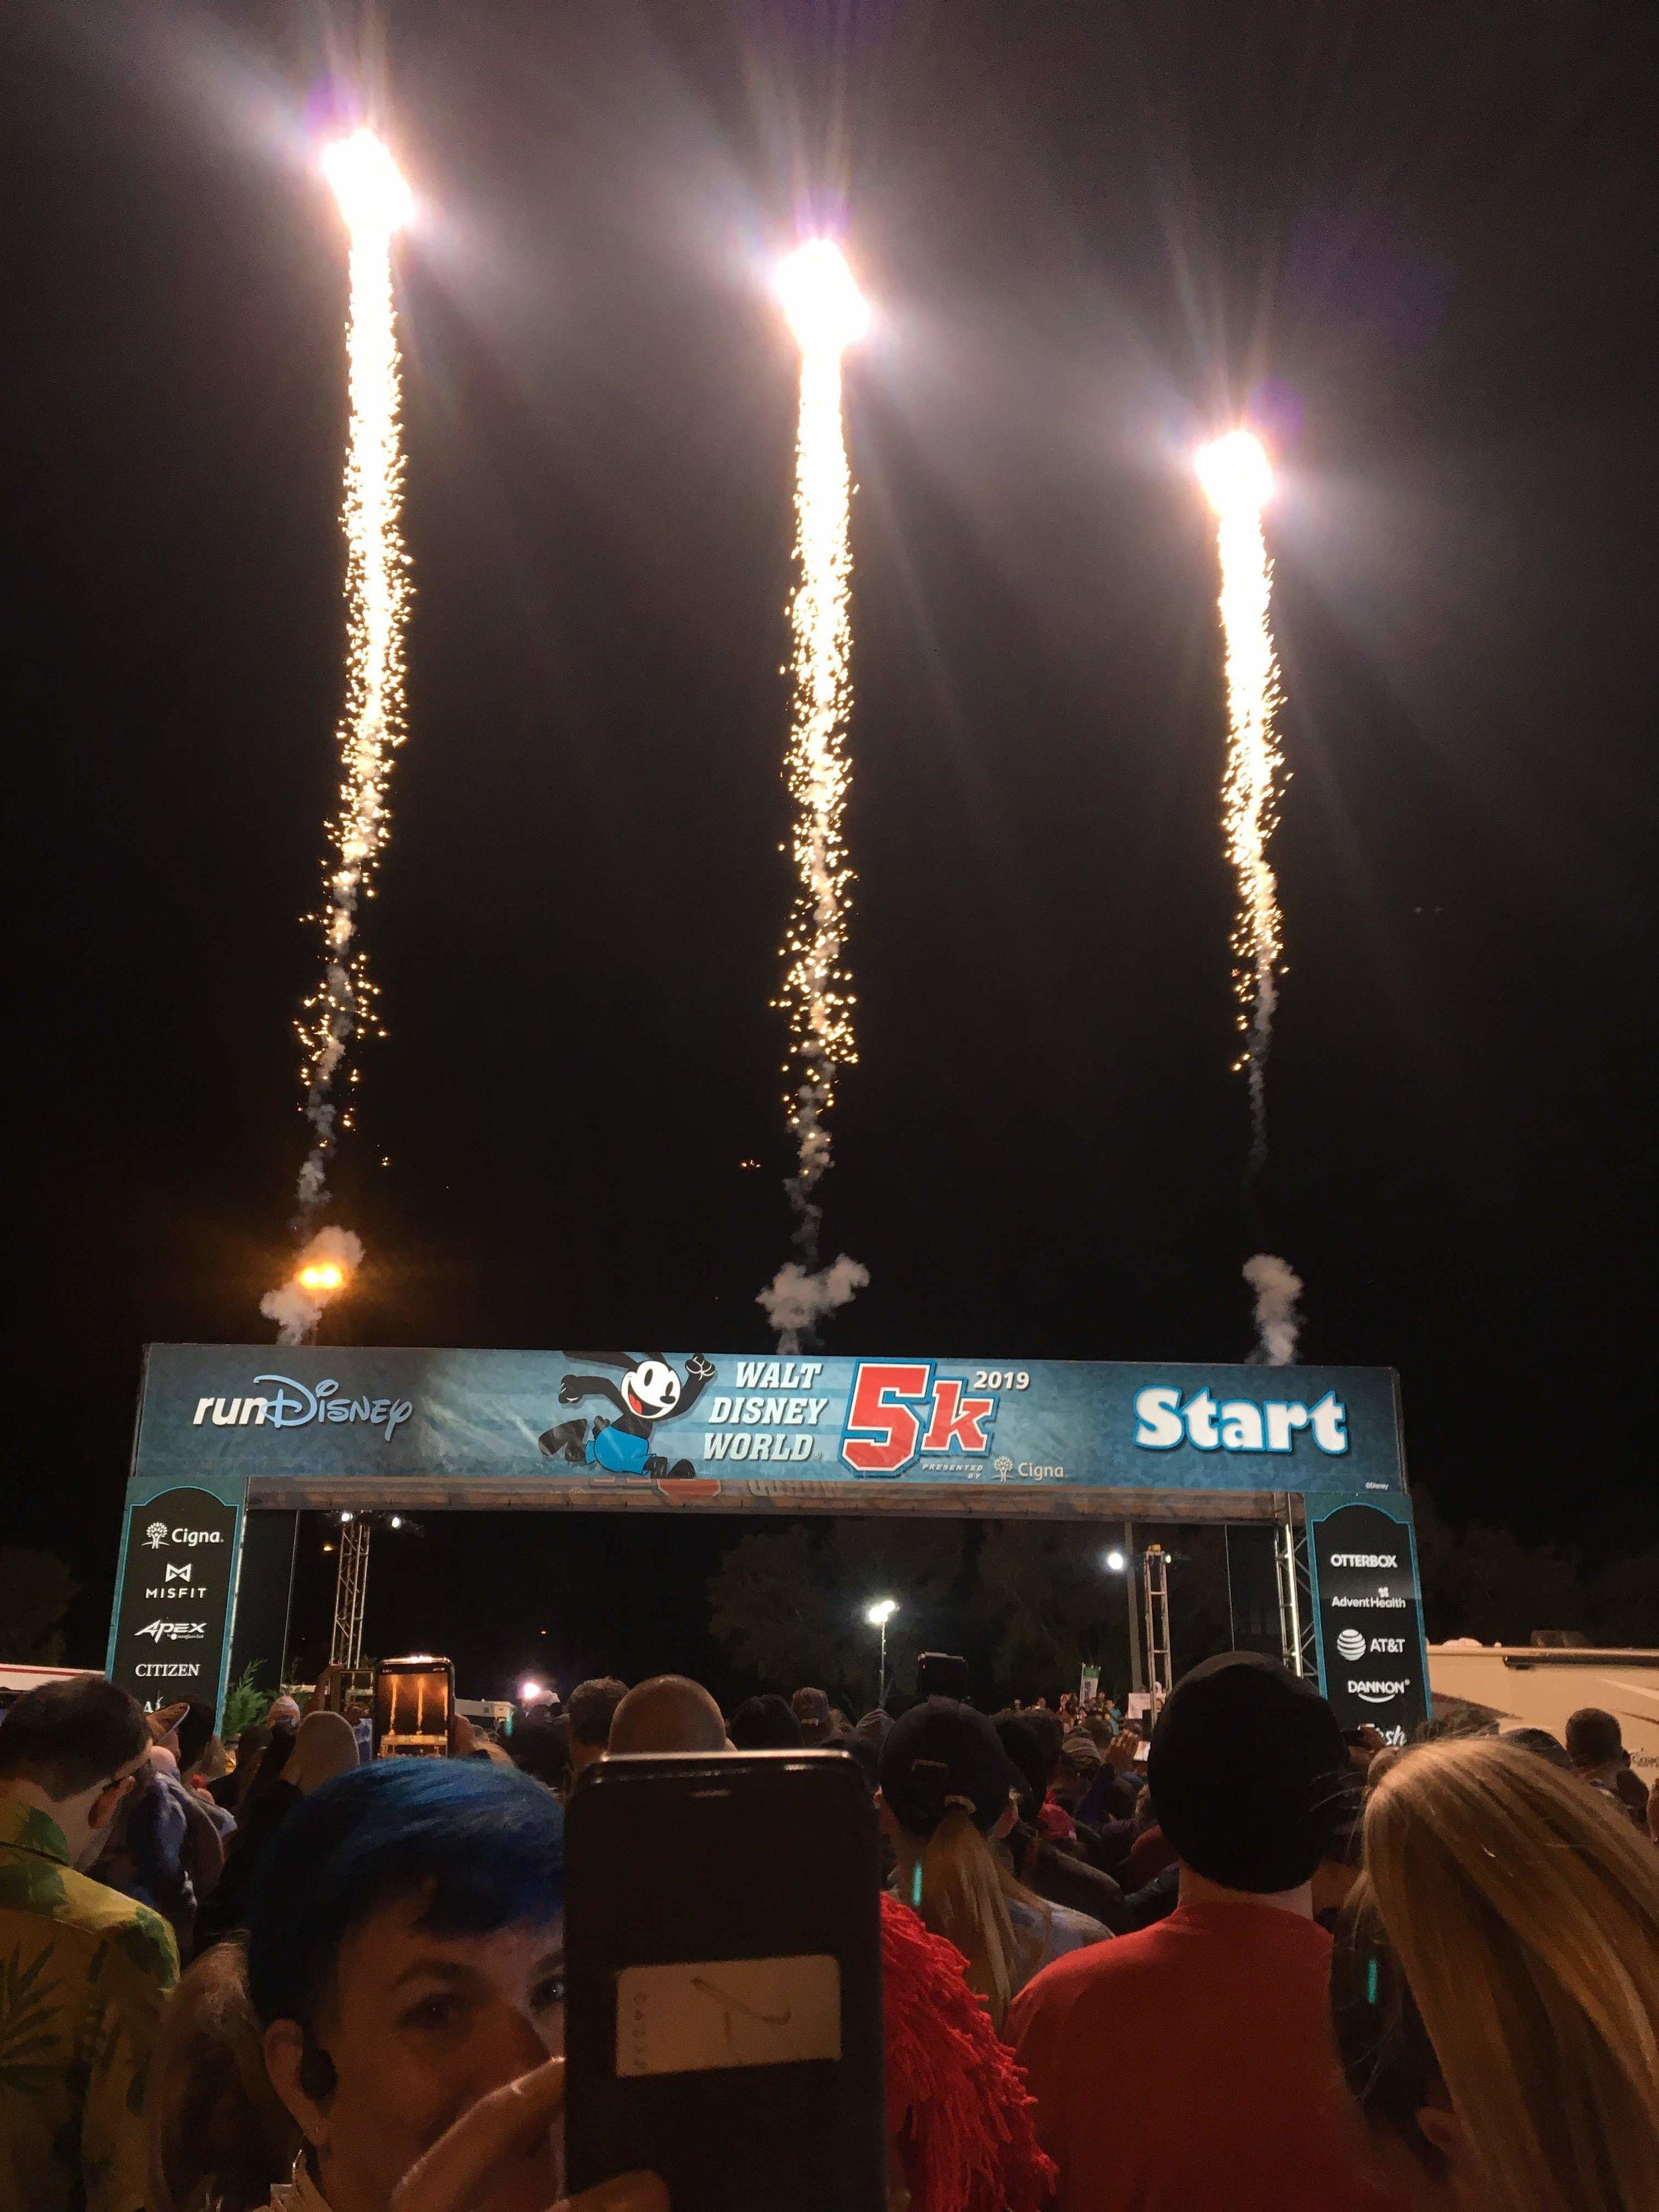 5k start fireworks